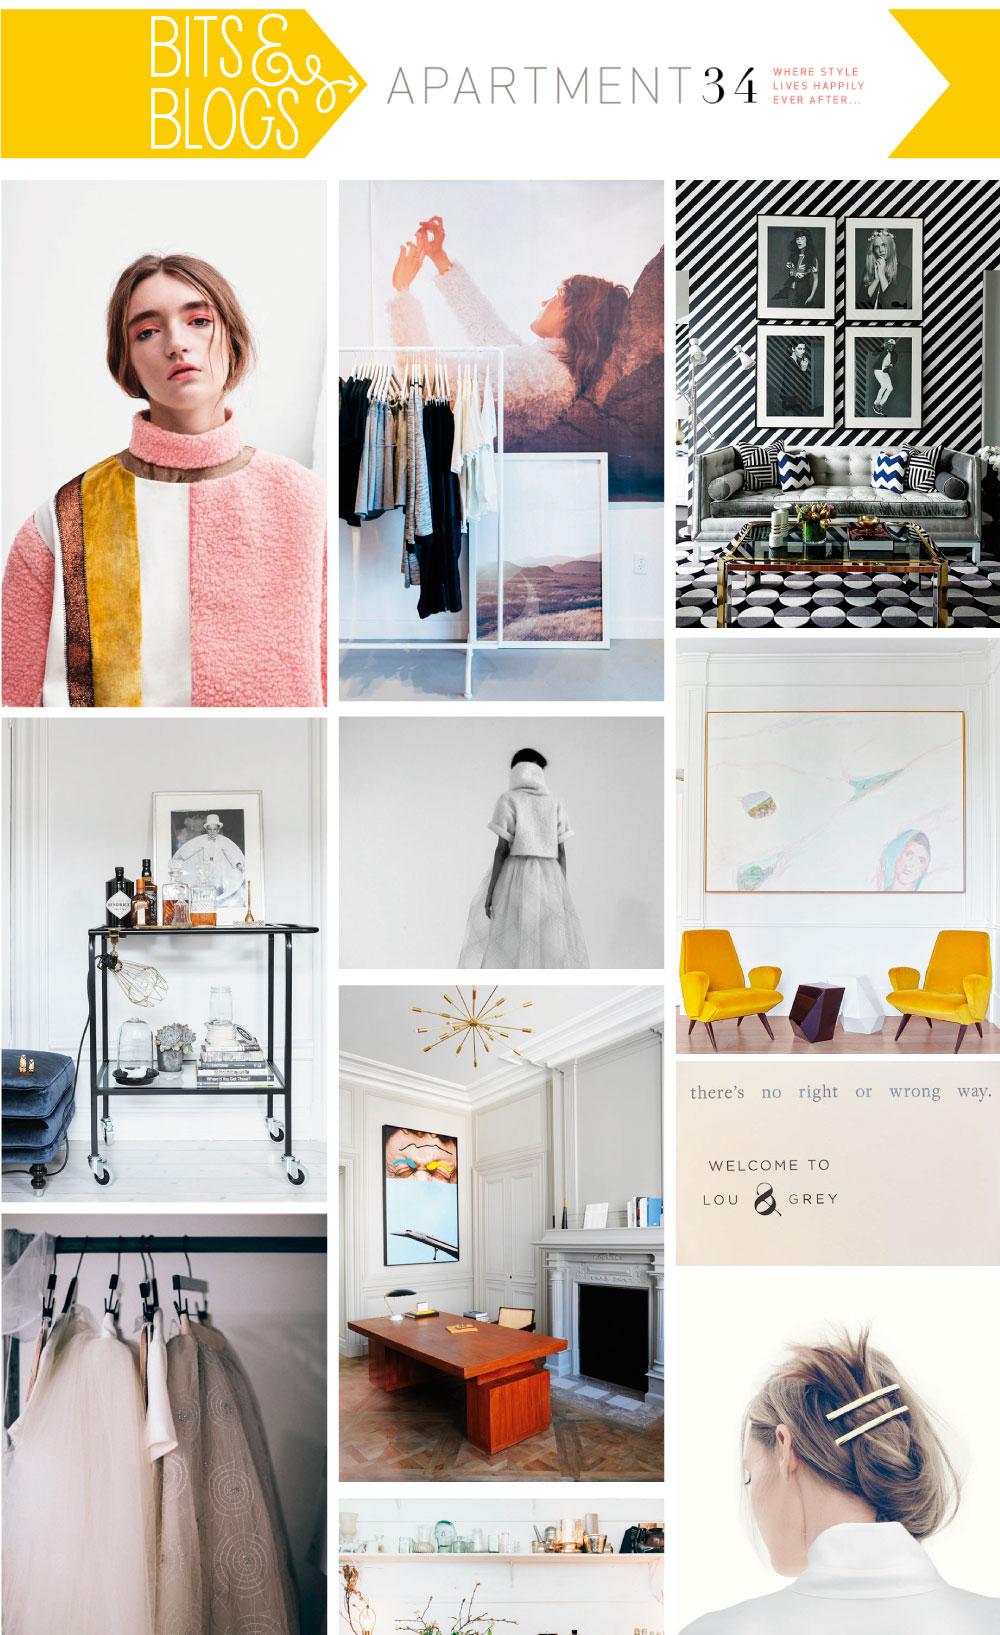 Image - Apartment 34